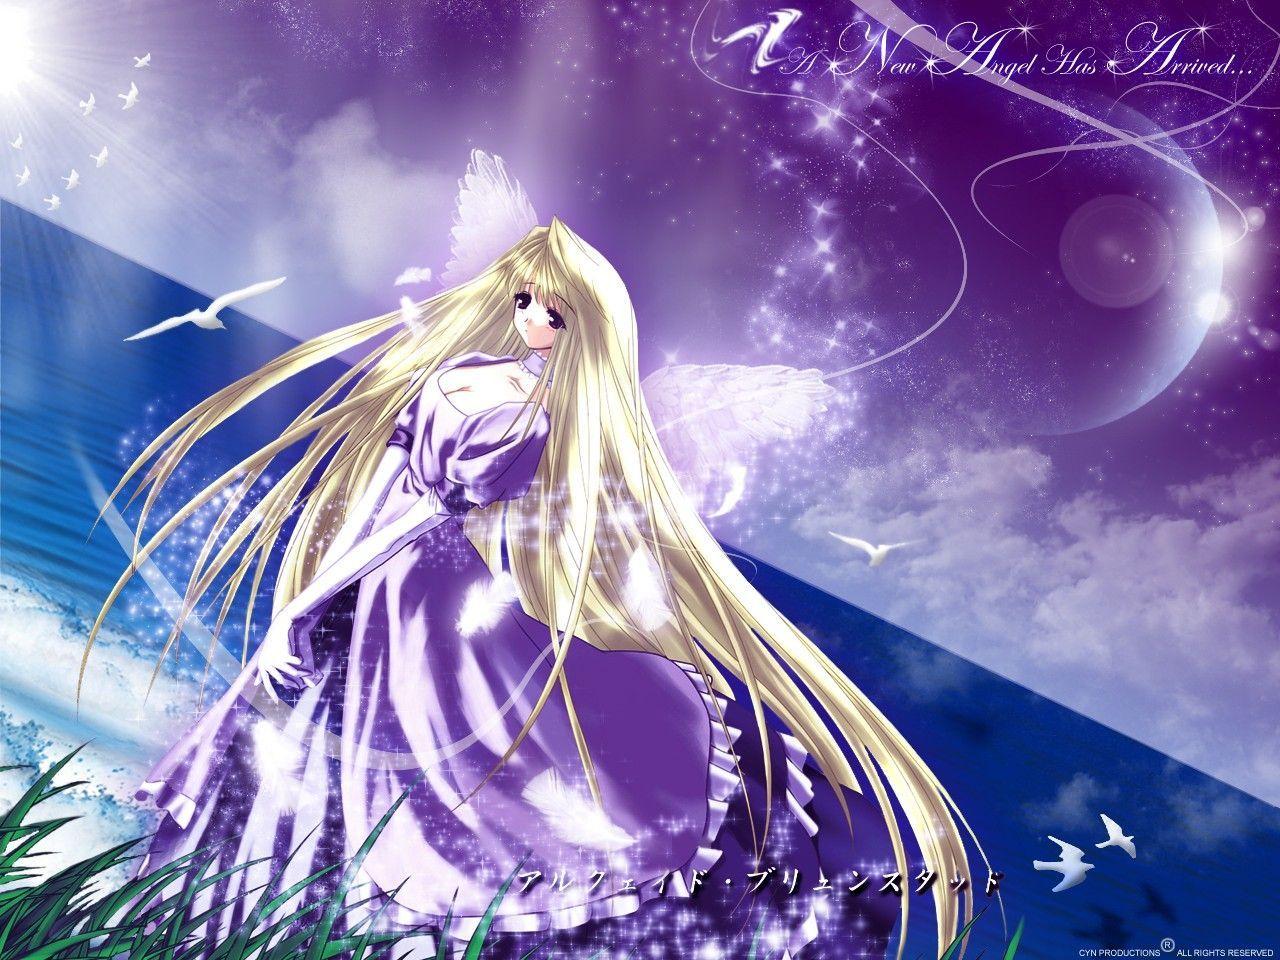 Hình ảnh có liên quan Anime, Thiên thần, Hình nền